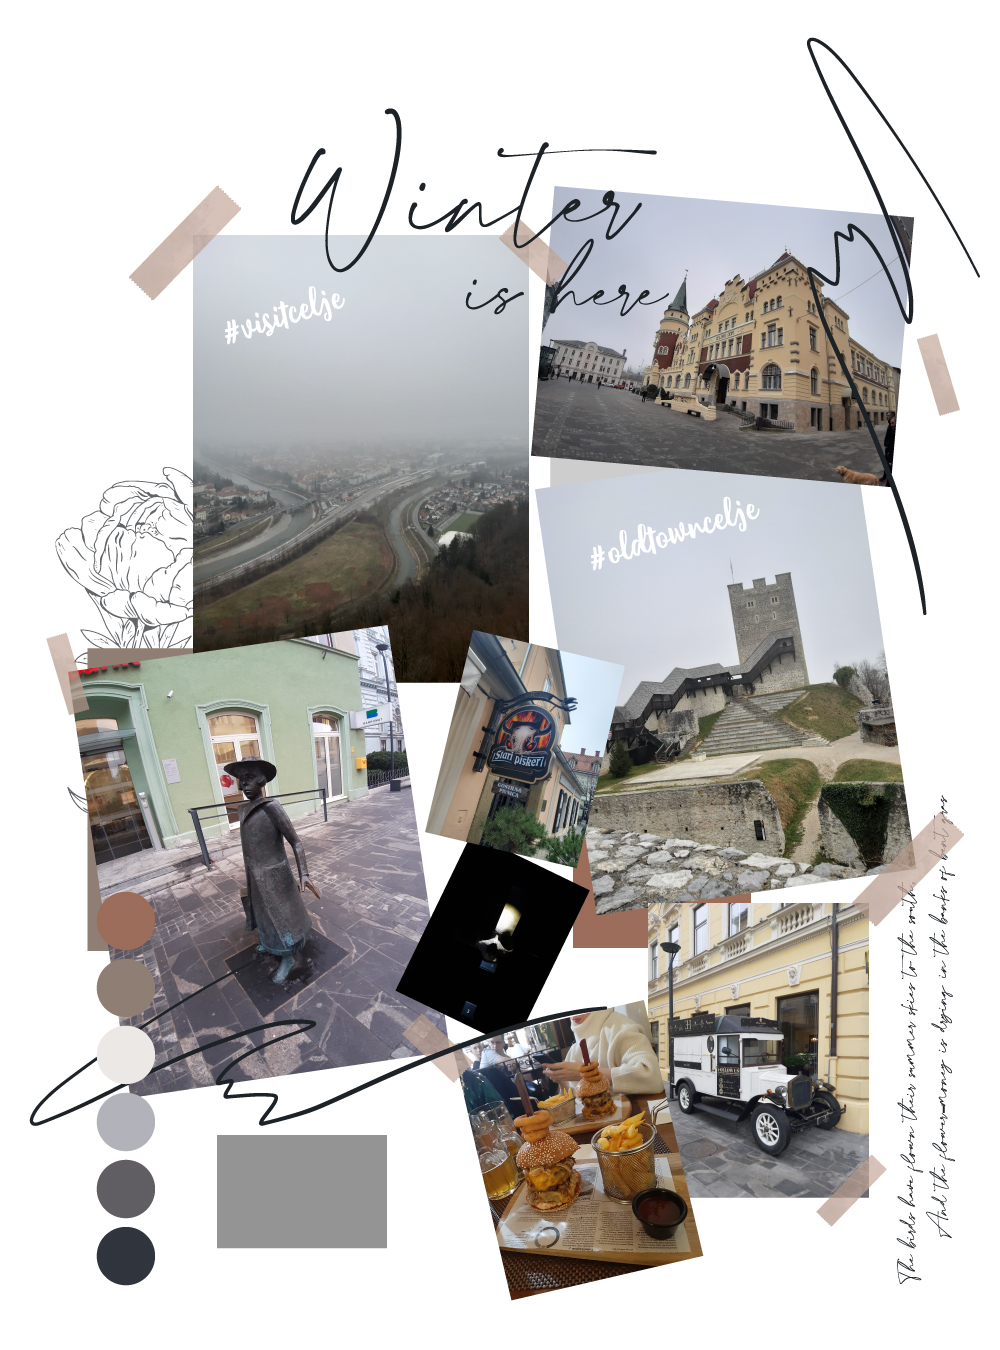 celje text Vodič za zimu u Sloveniji: Mesta koja treba da posetiš + iskustva koja treba da doživiš